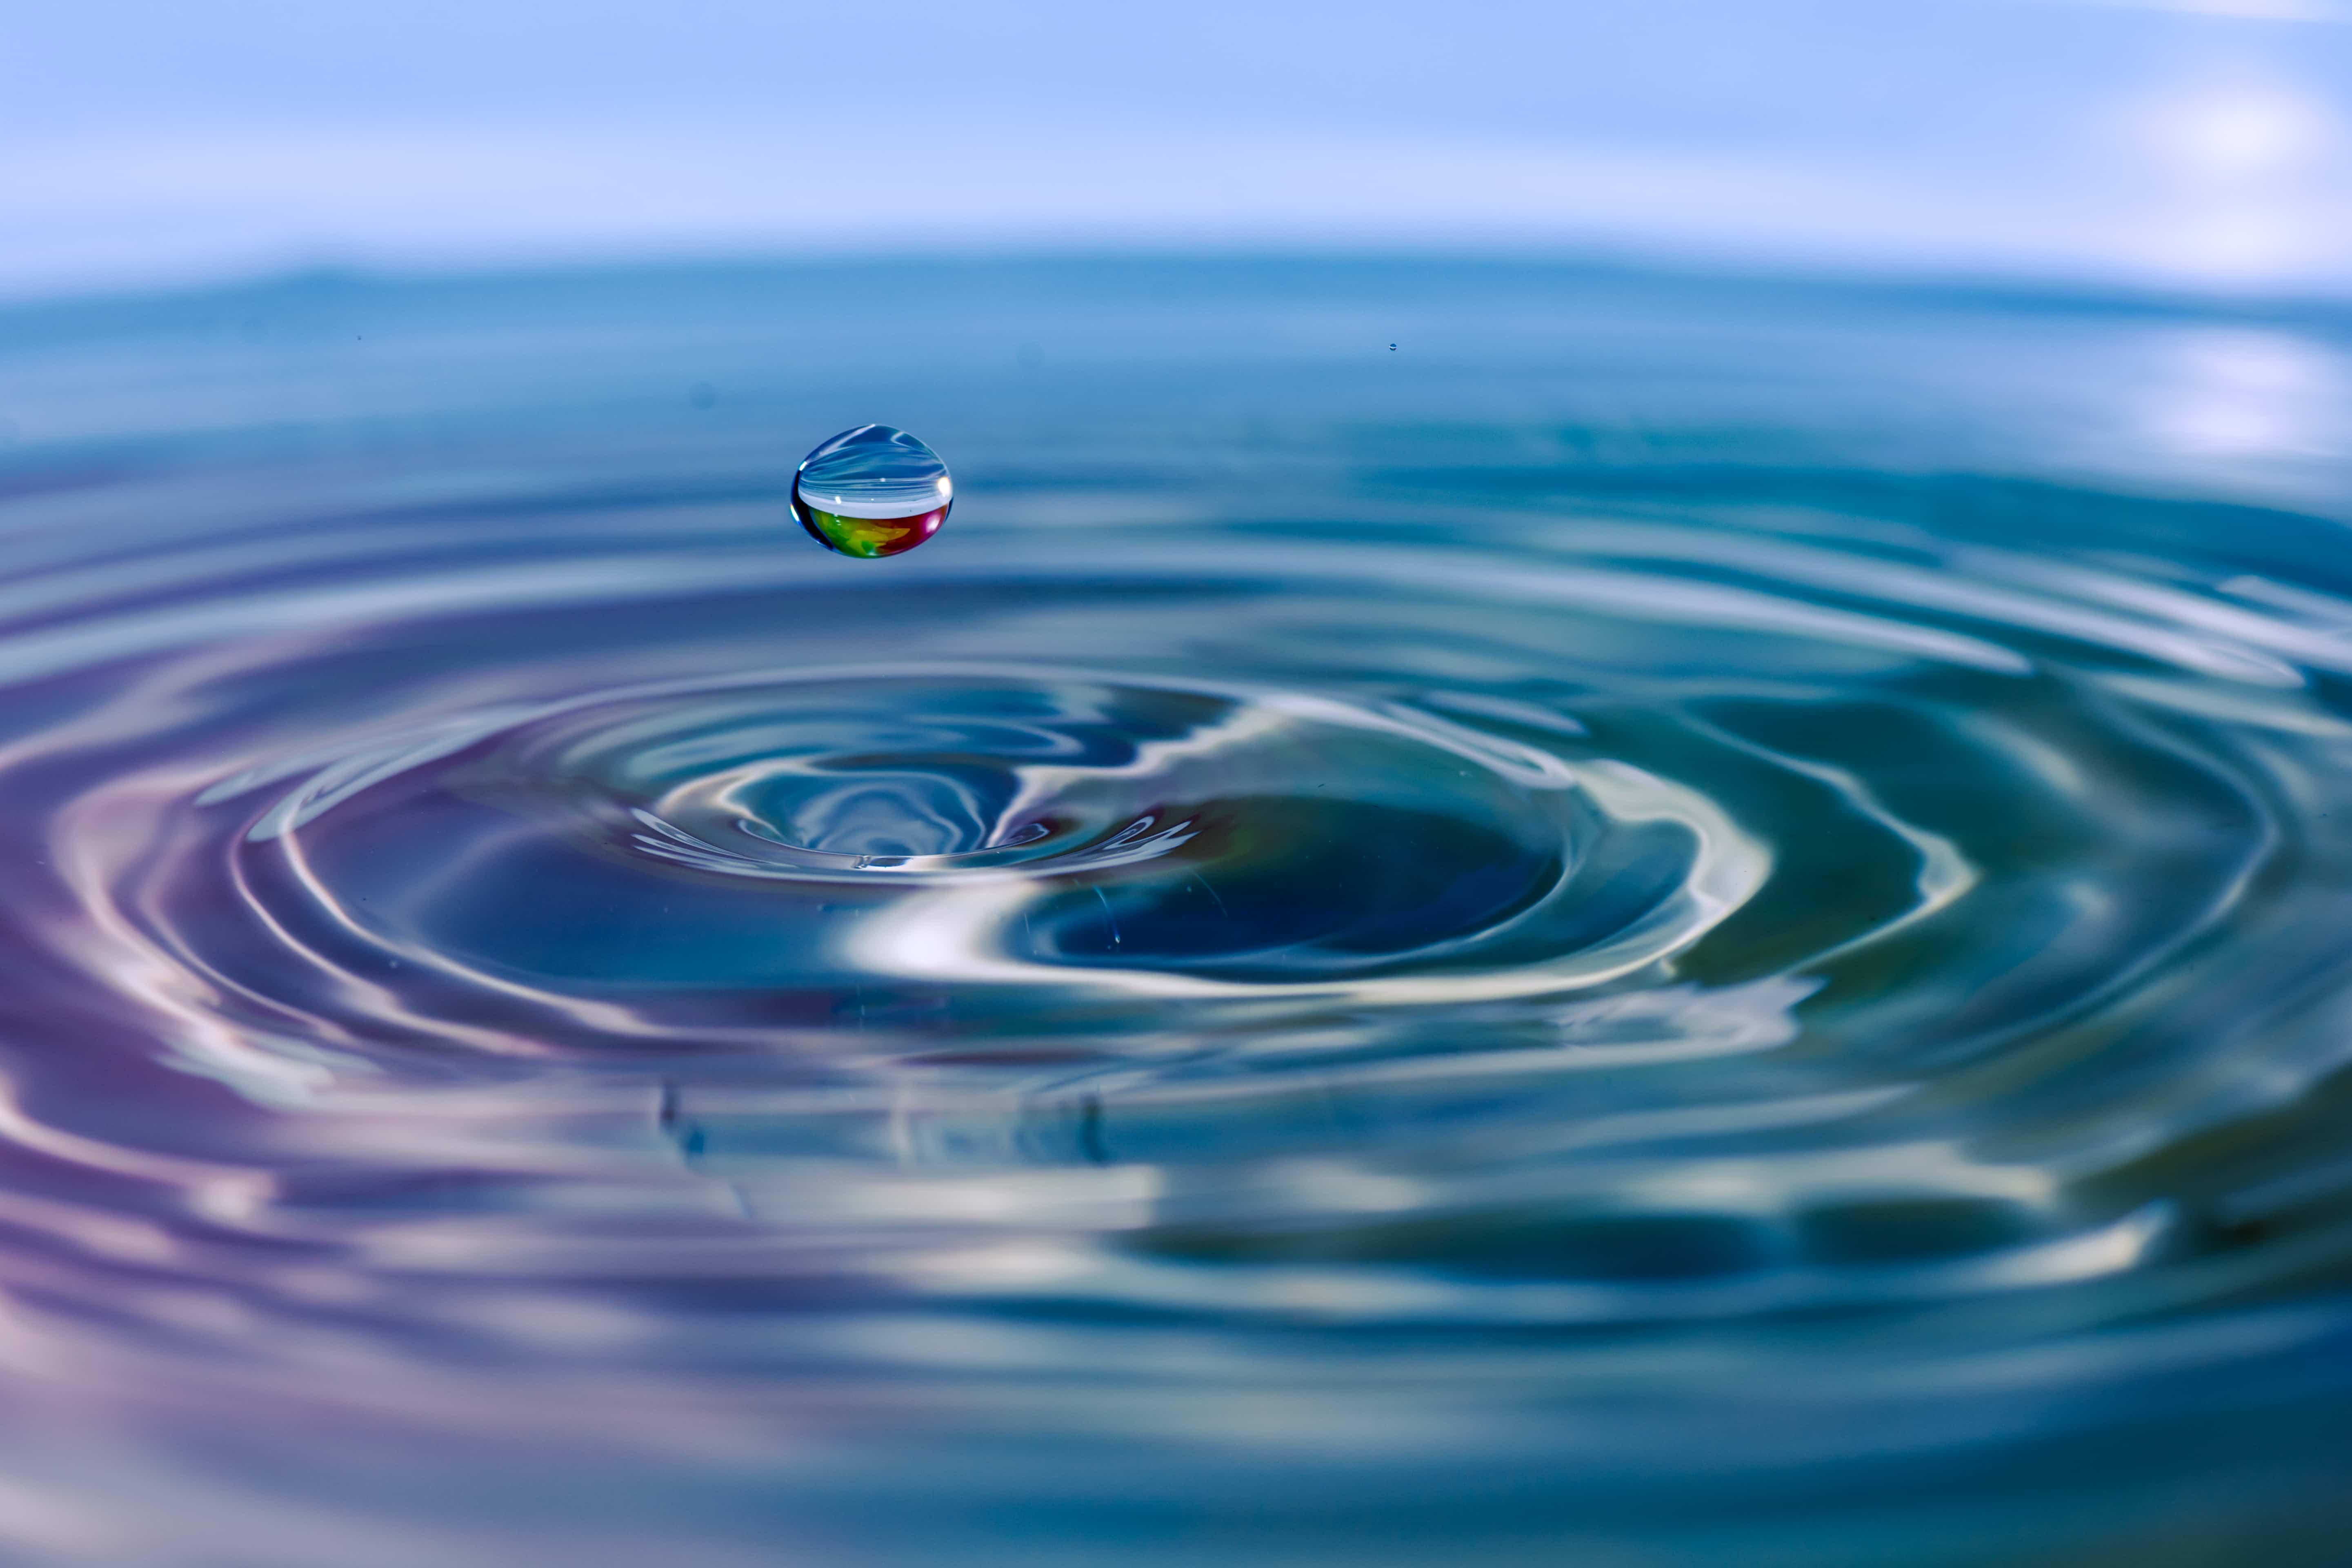 water droplet image representing impact